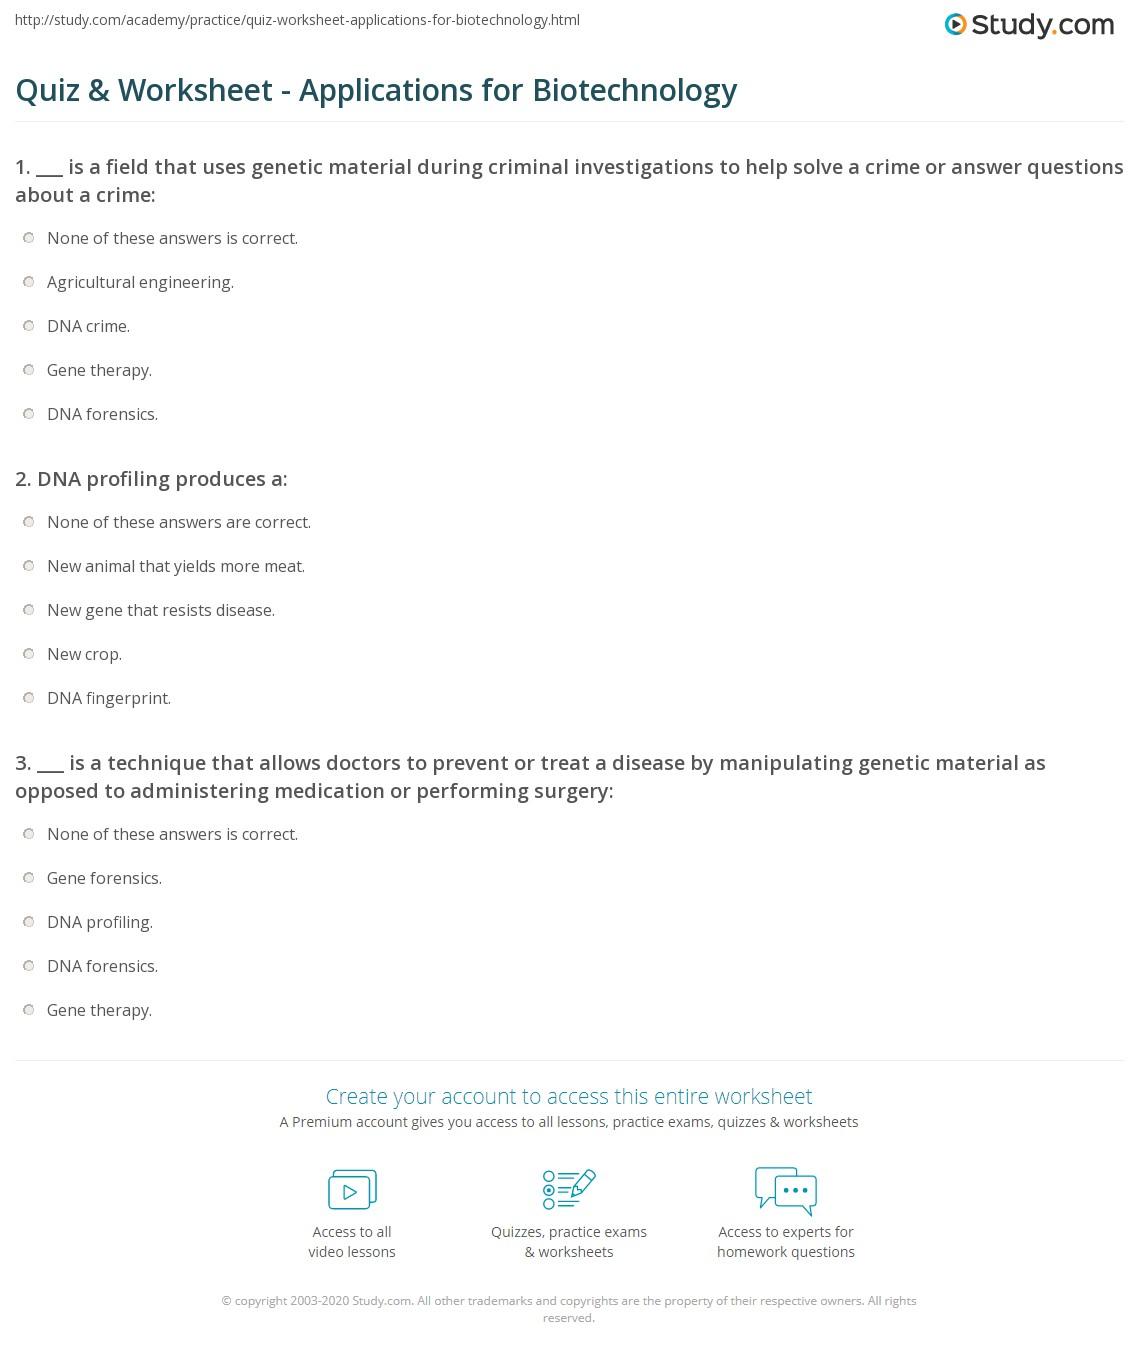 Pictures Introduction To Genetics Worksheet - Toribeedesign